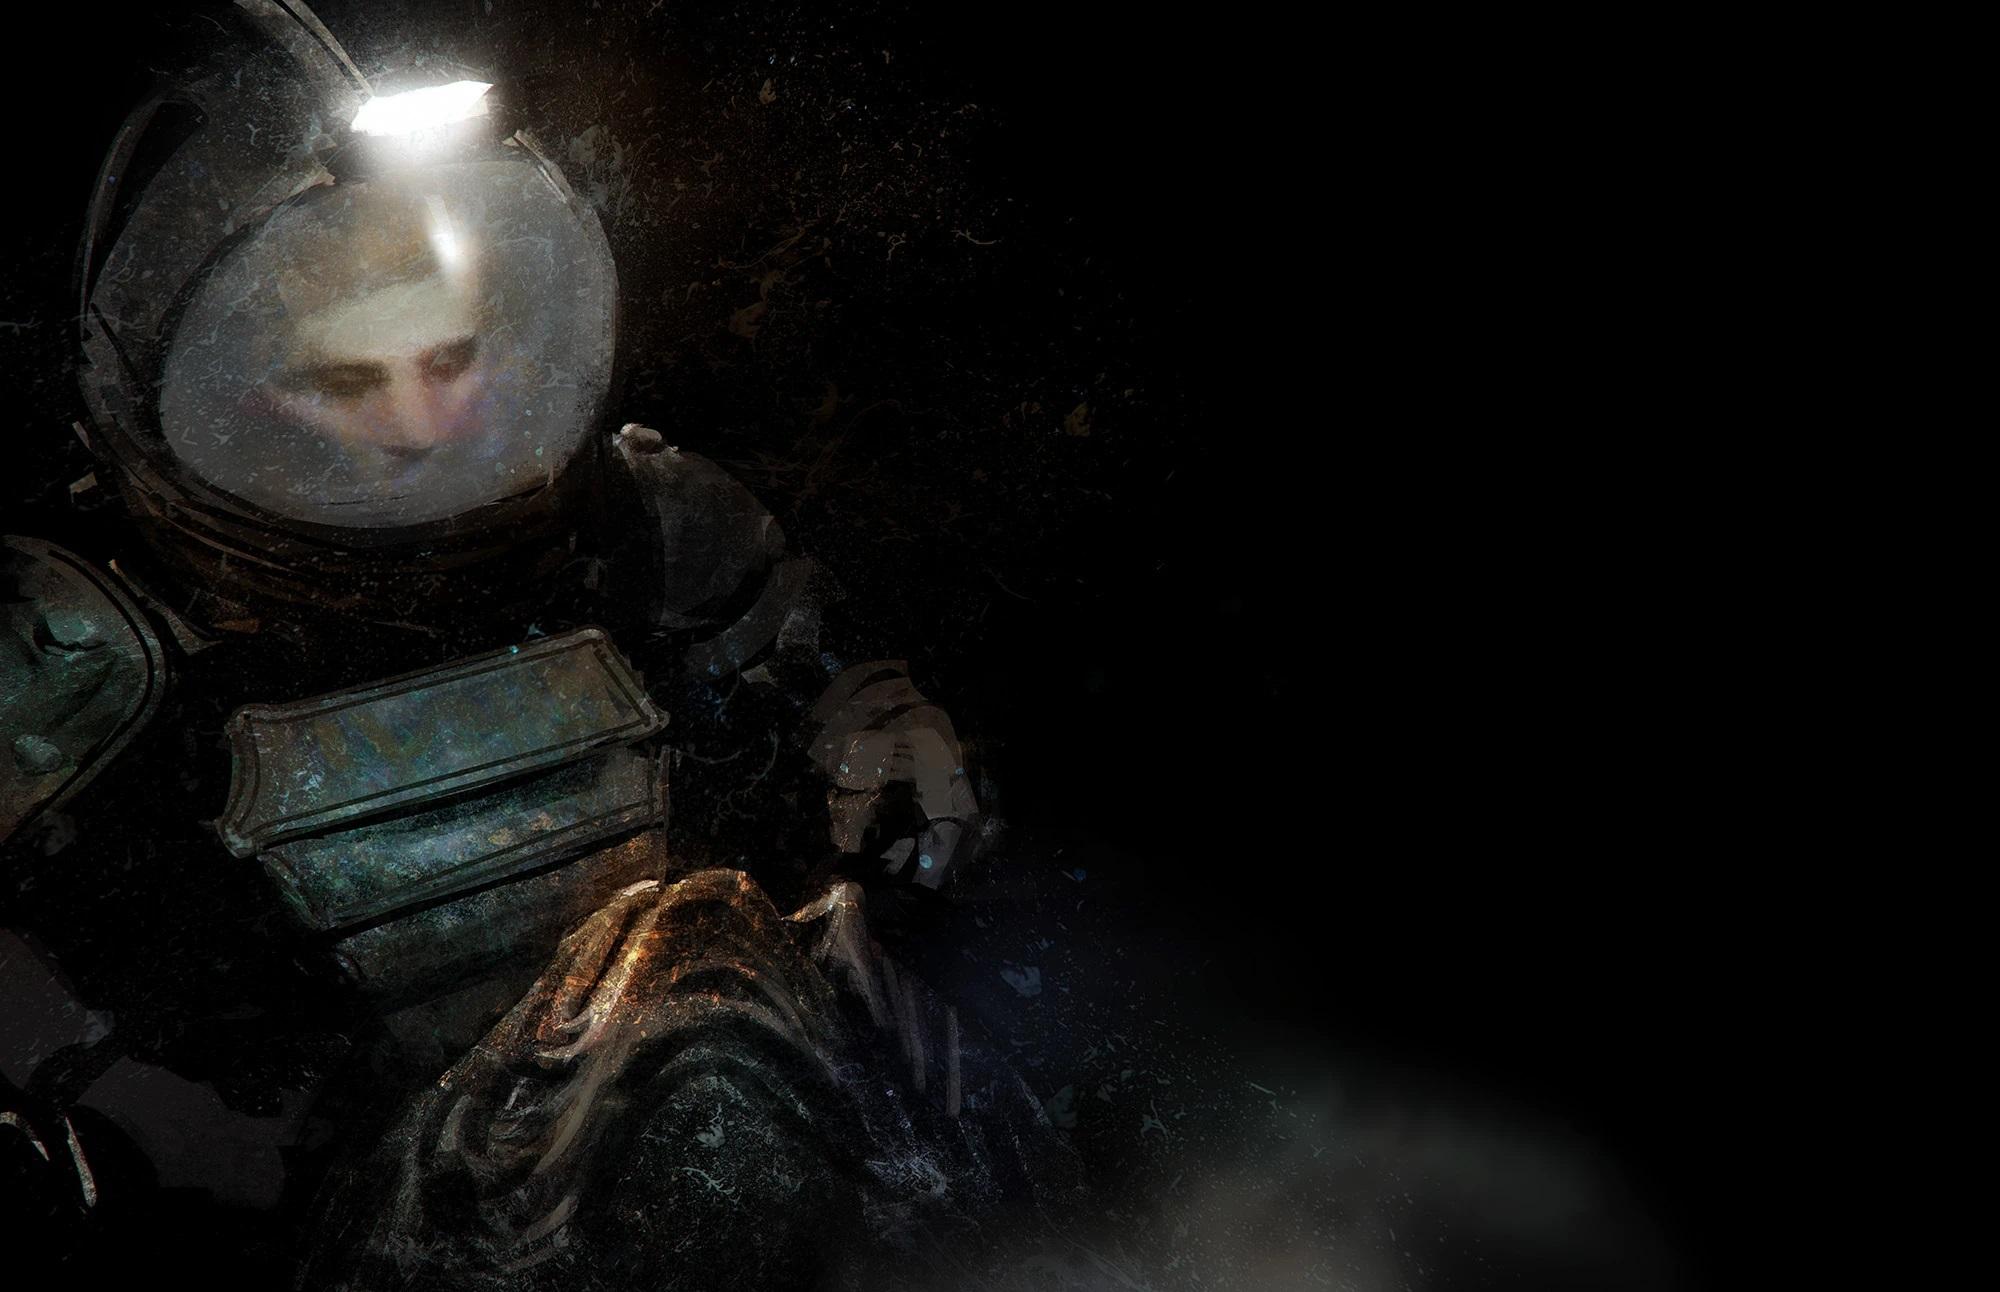 Колонии и ксеноморфы: обзор настольной ролевой игры Alien RPG 7